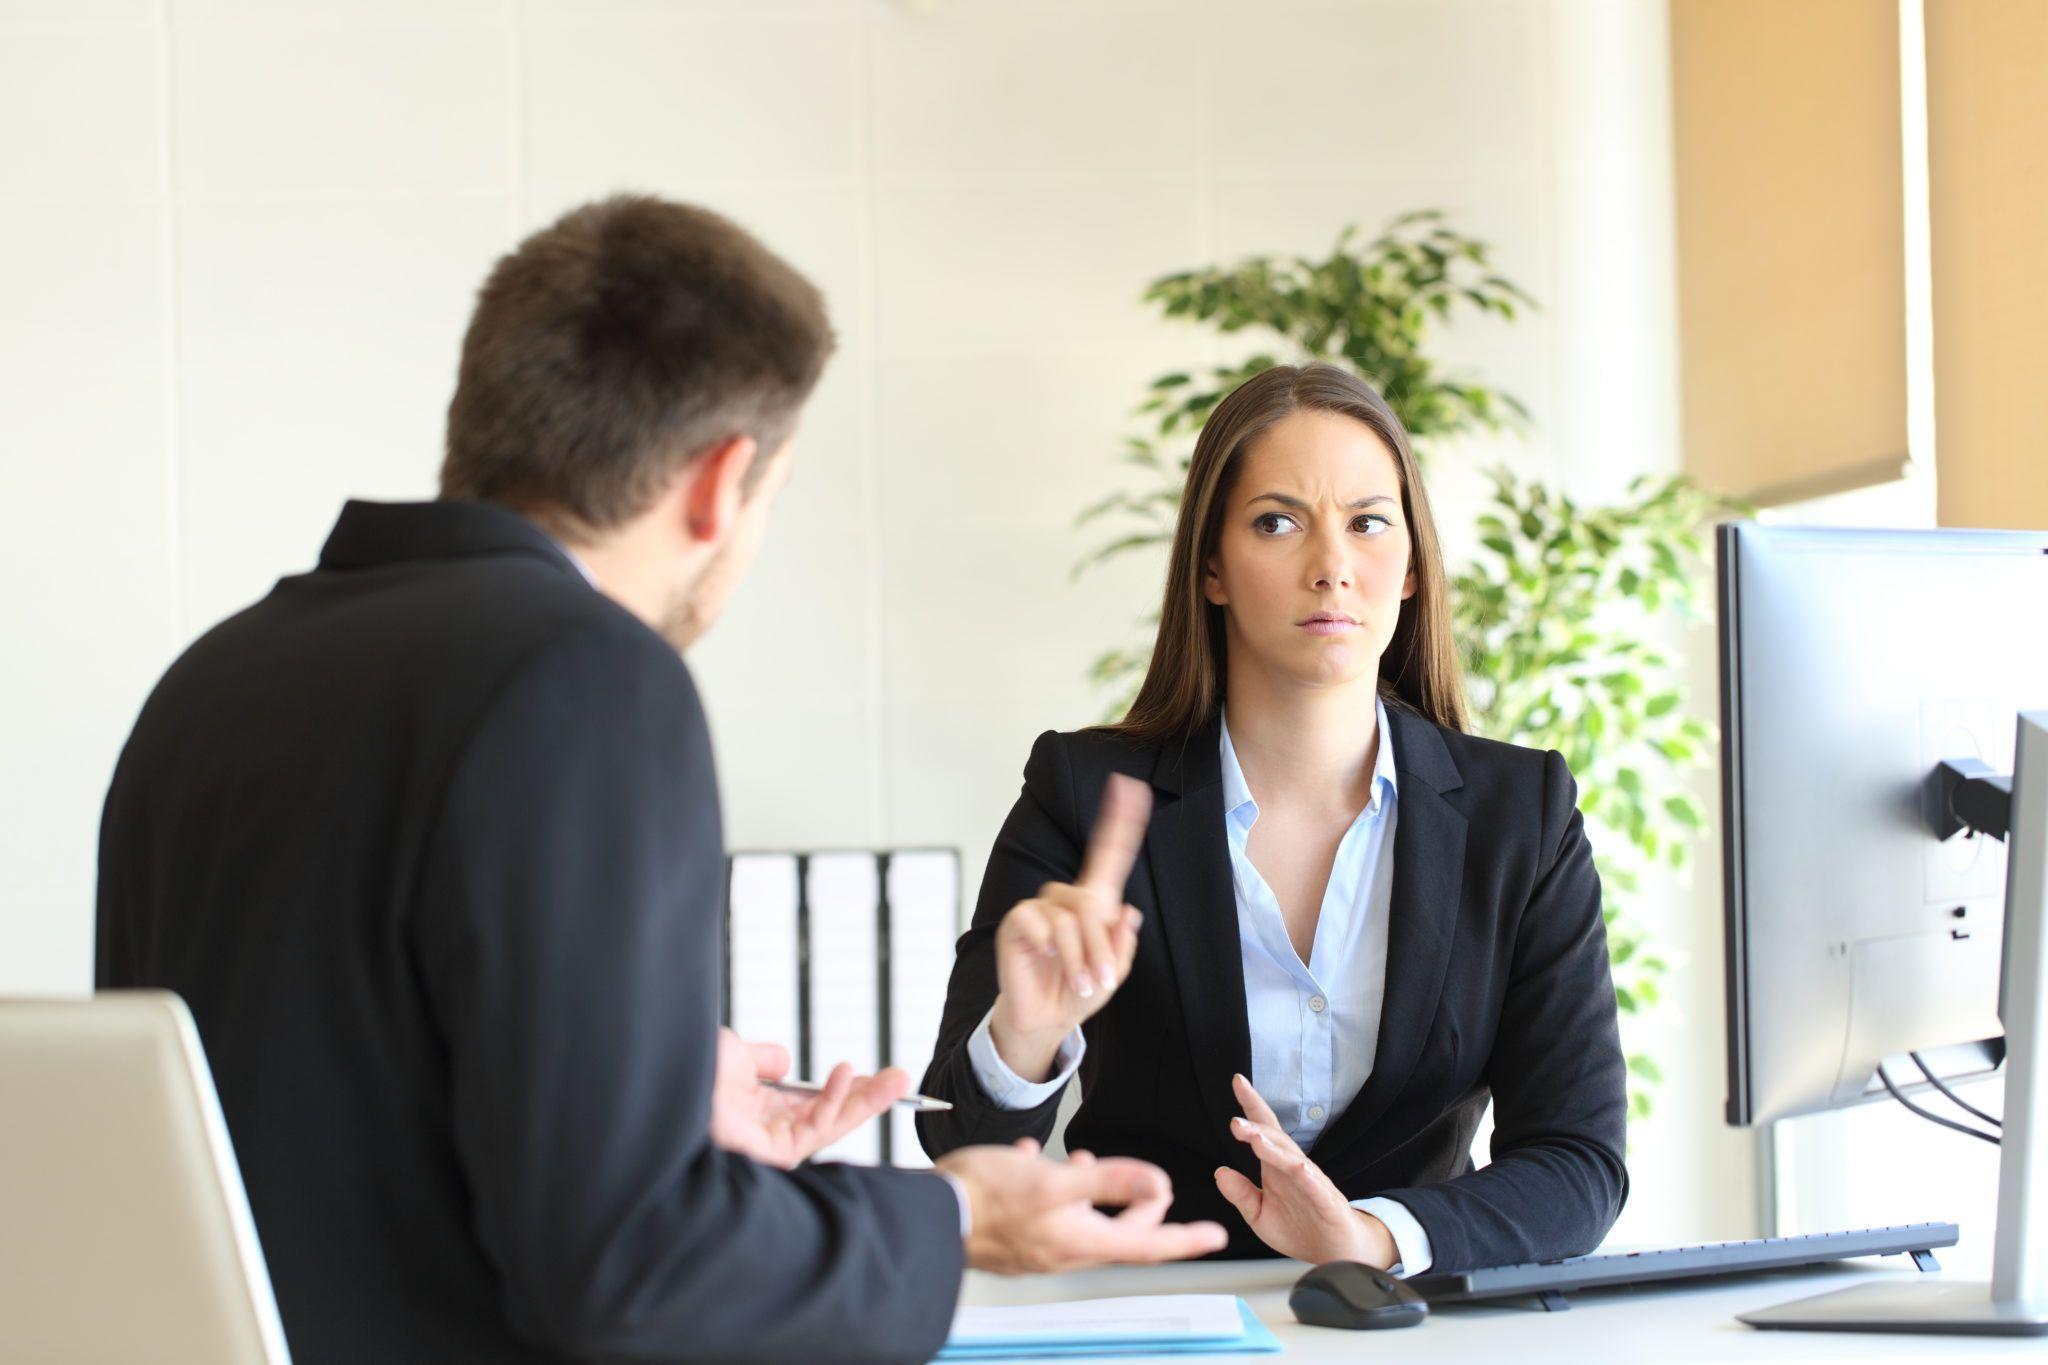 Ограничения по оформлению сотрудника на работу